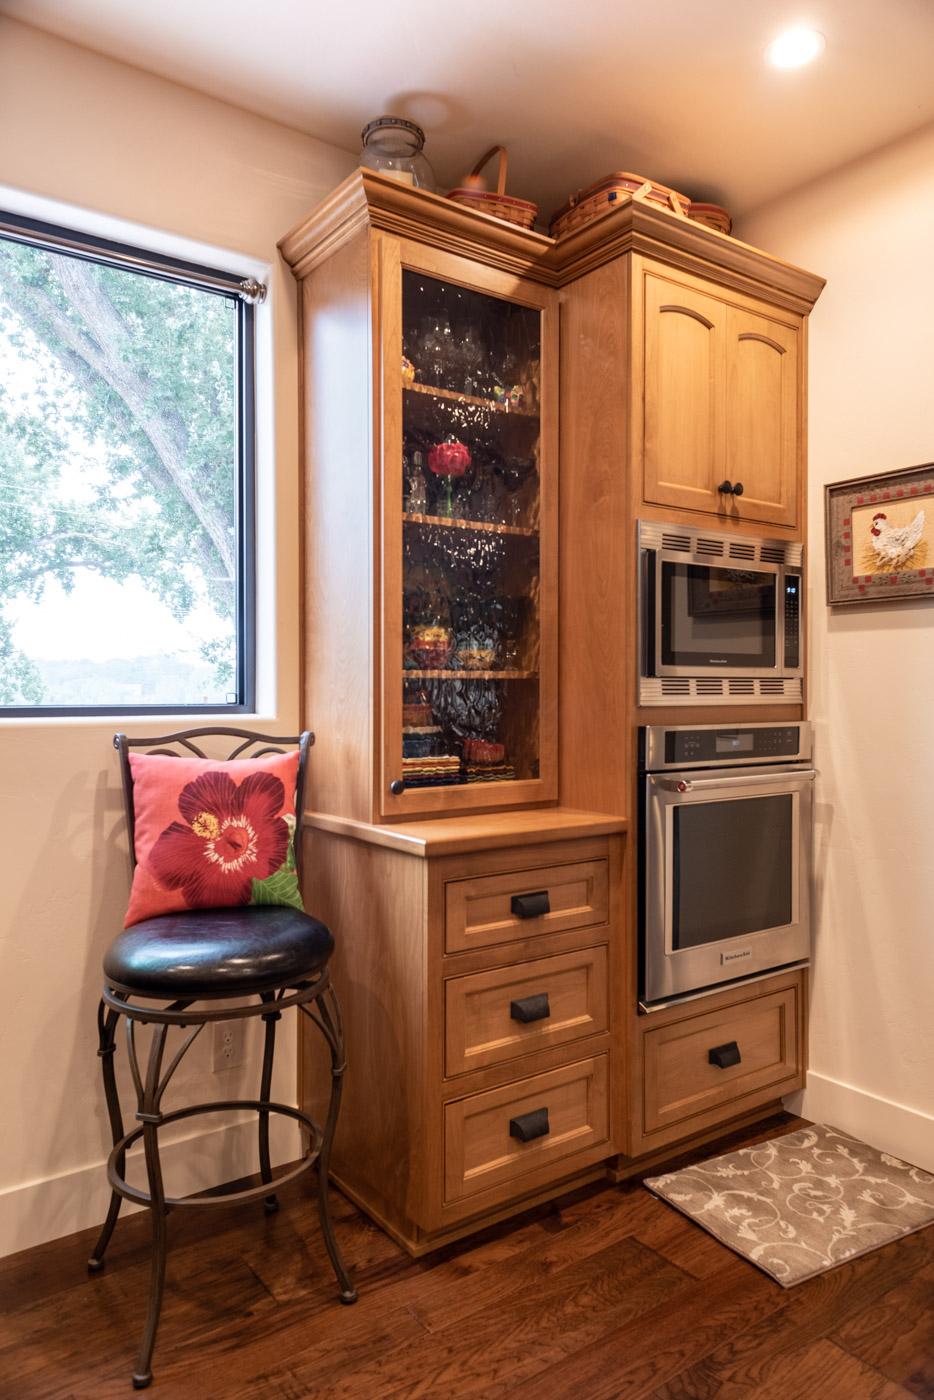 Tuscan Artisan custom stained Alder wood kitchen cabinet storage